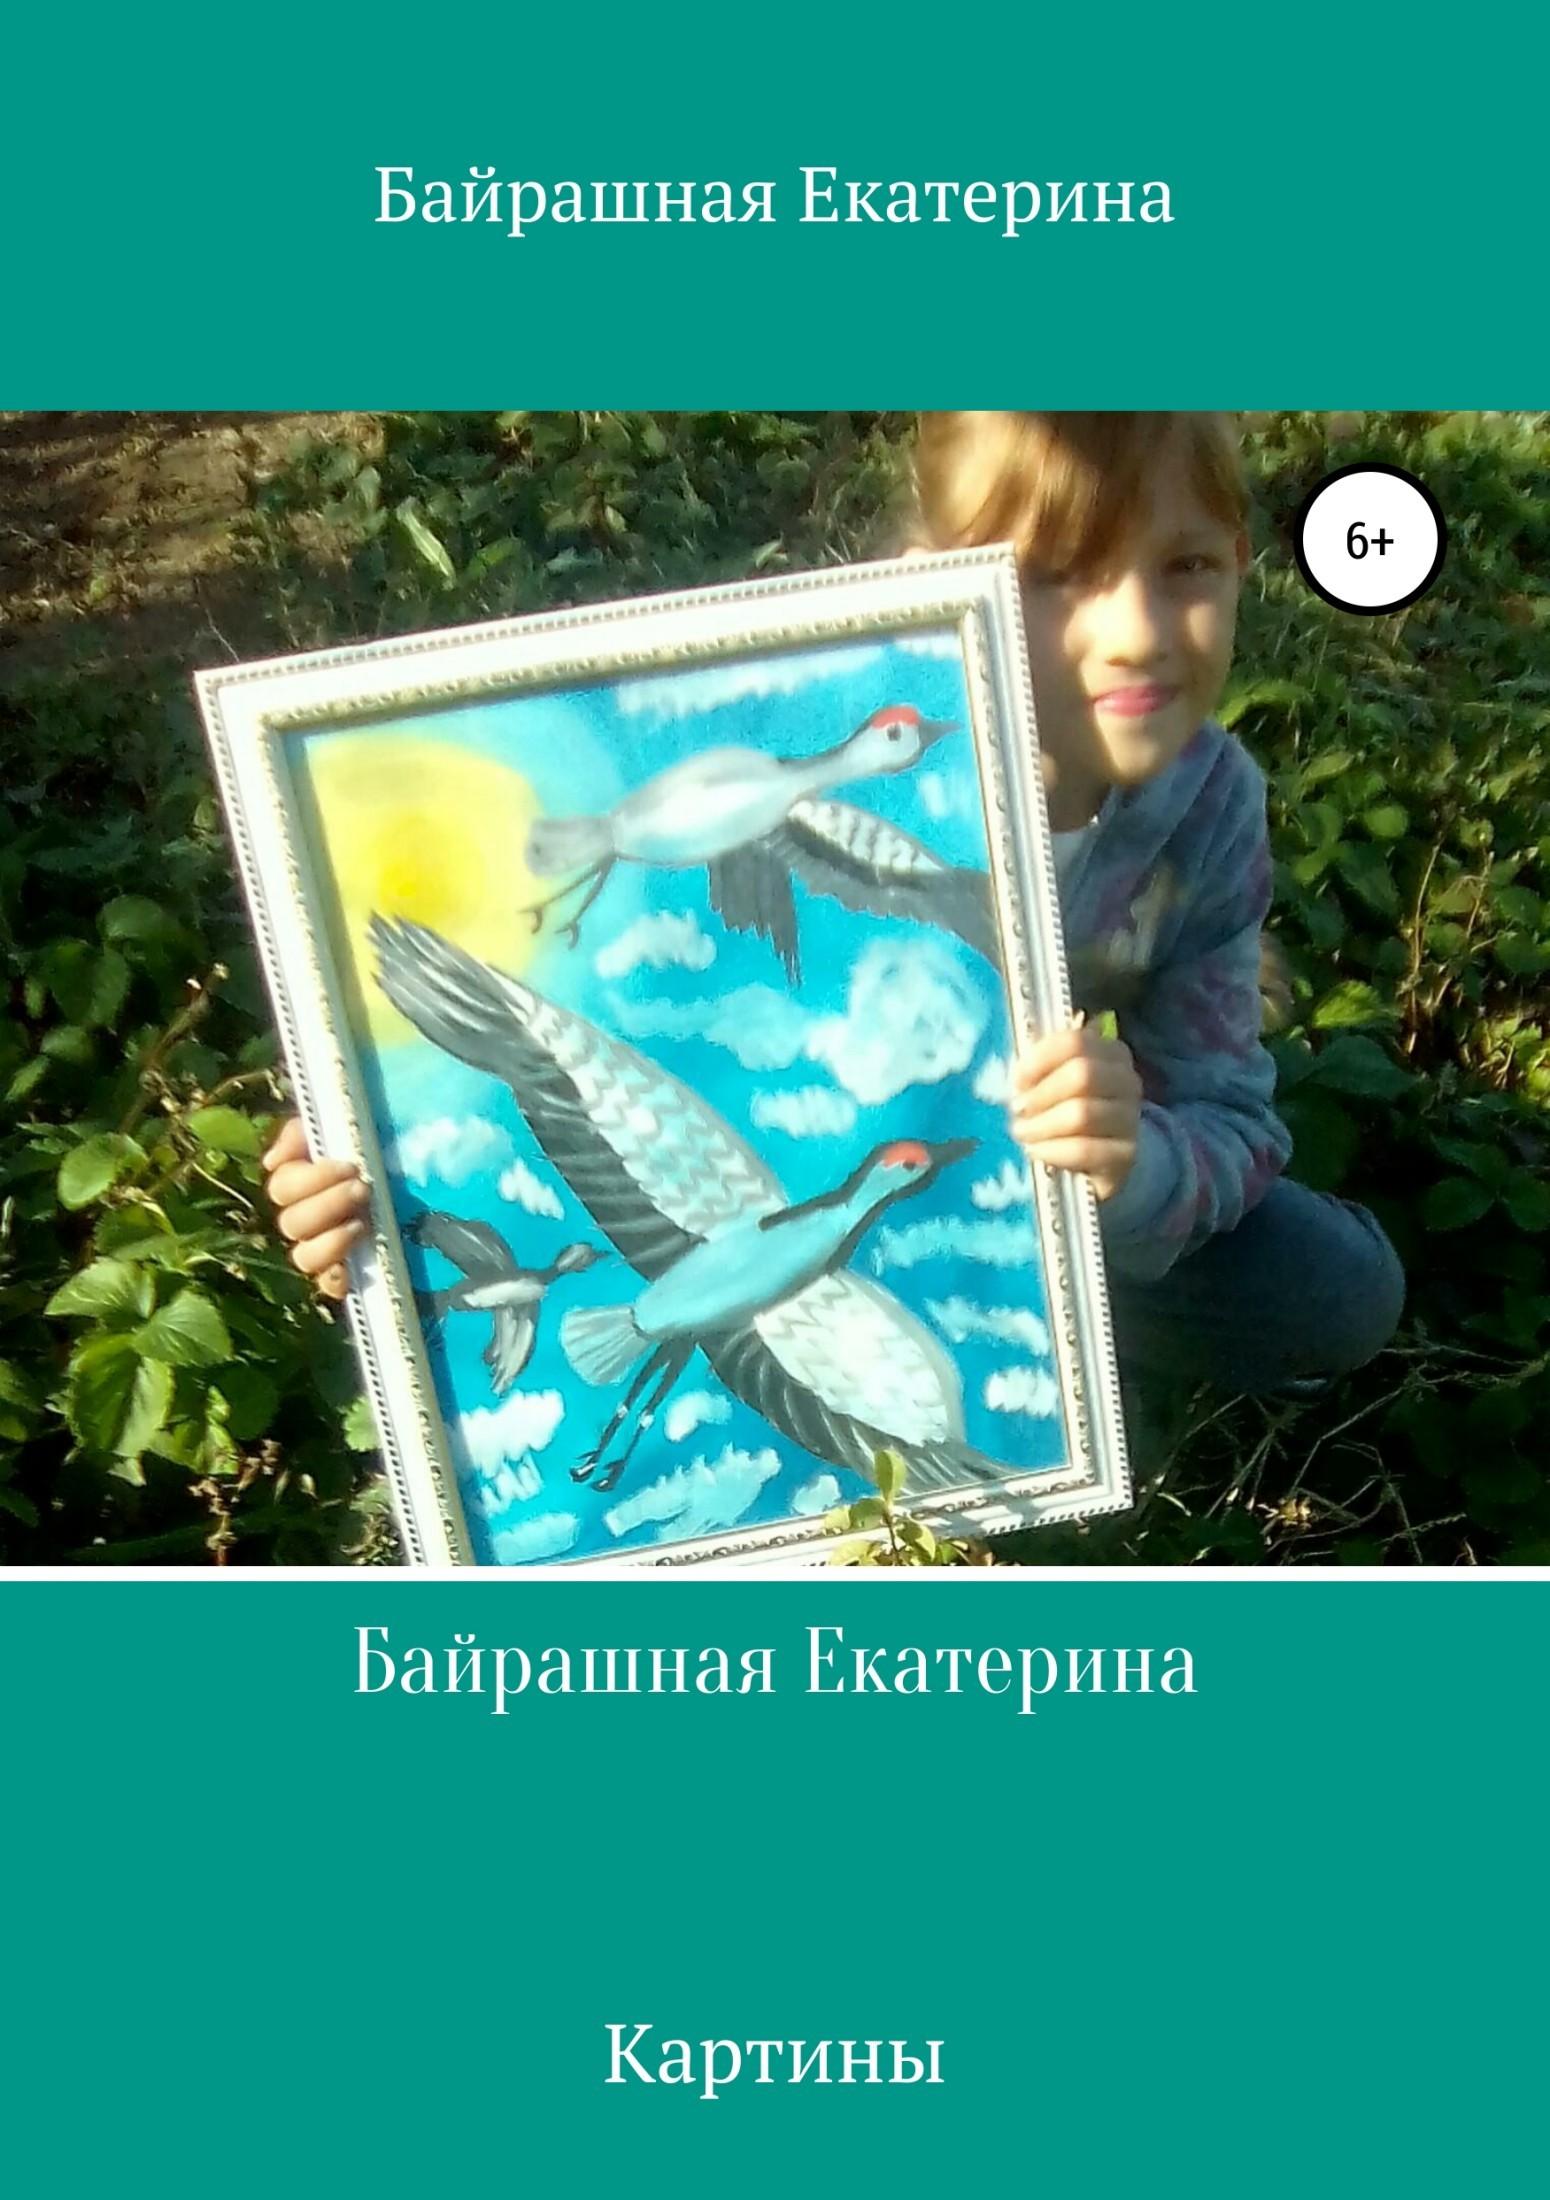 Екатерина Сергеевна Байрашная Байрашная Екатерина анна сергеевна байрашная стихи о жизни